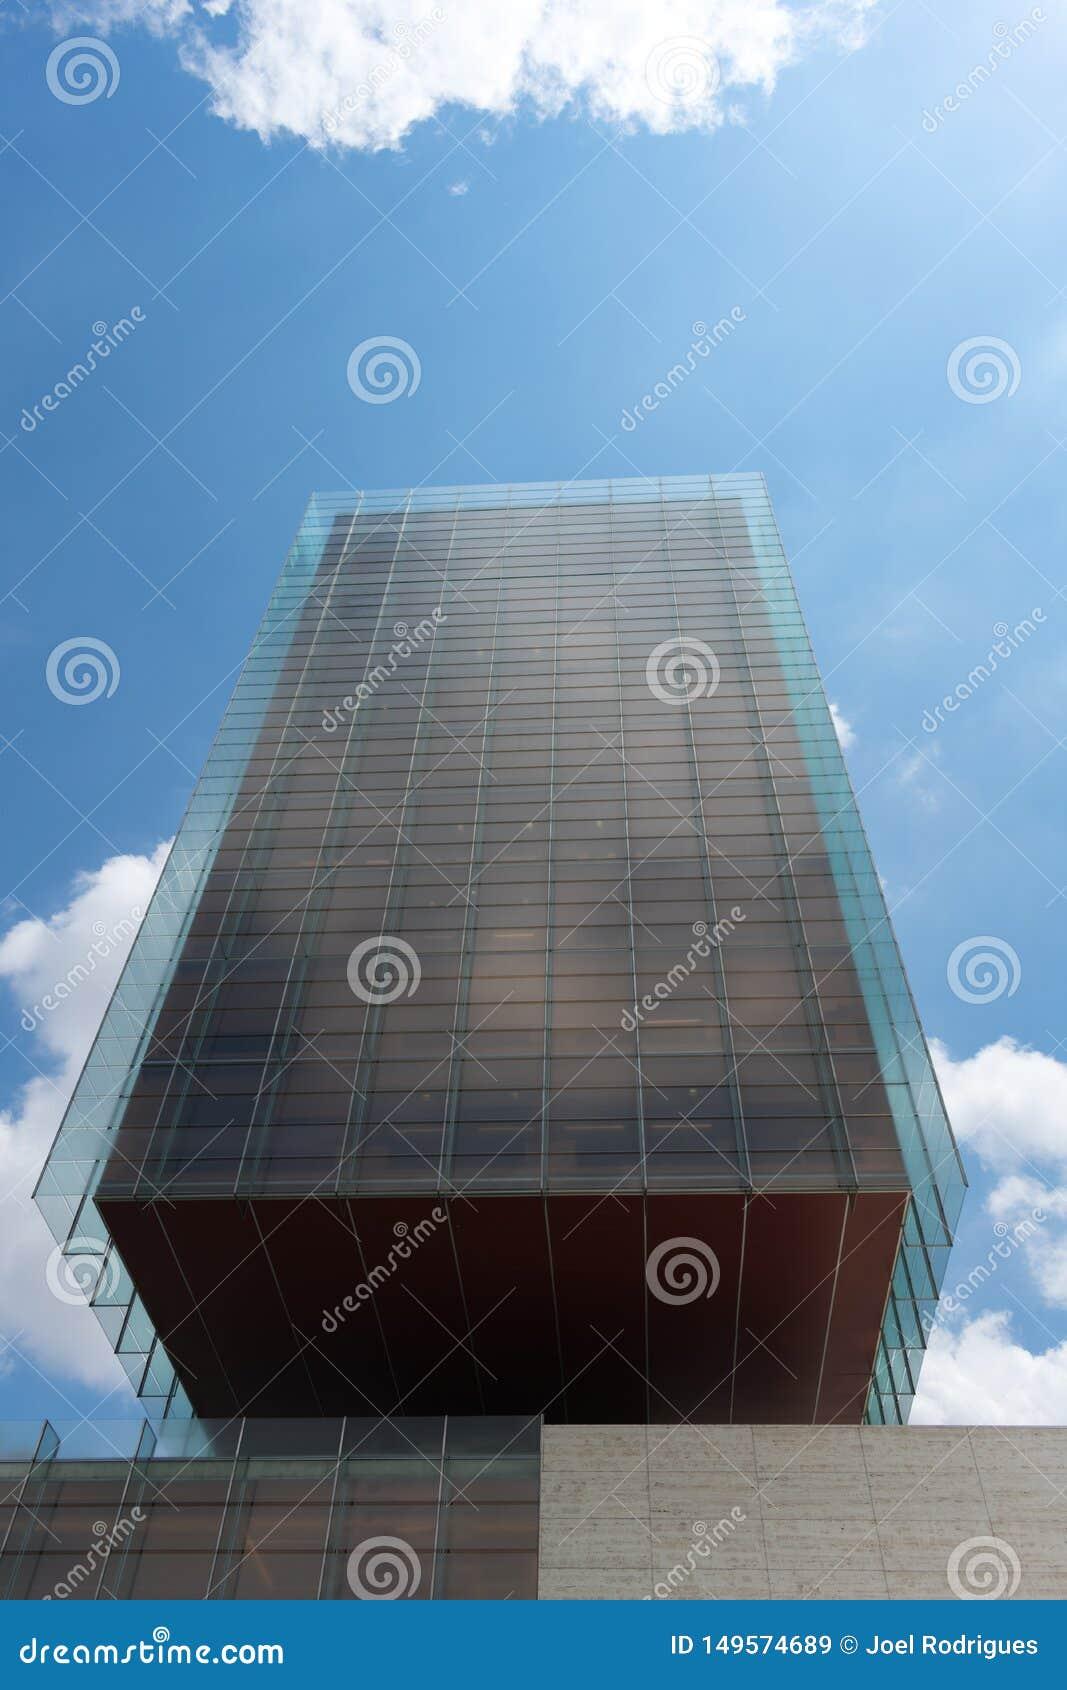 Μαδρίτη, Ισπανία - 21 Μαΐου 2018: Μπροστινή άποψη του ουρανοξύστη γυαλιού στη Μαδρίτη